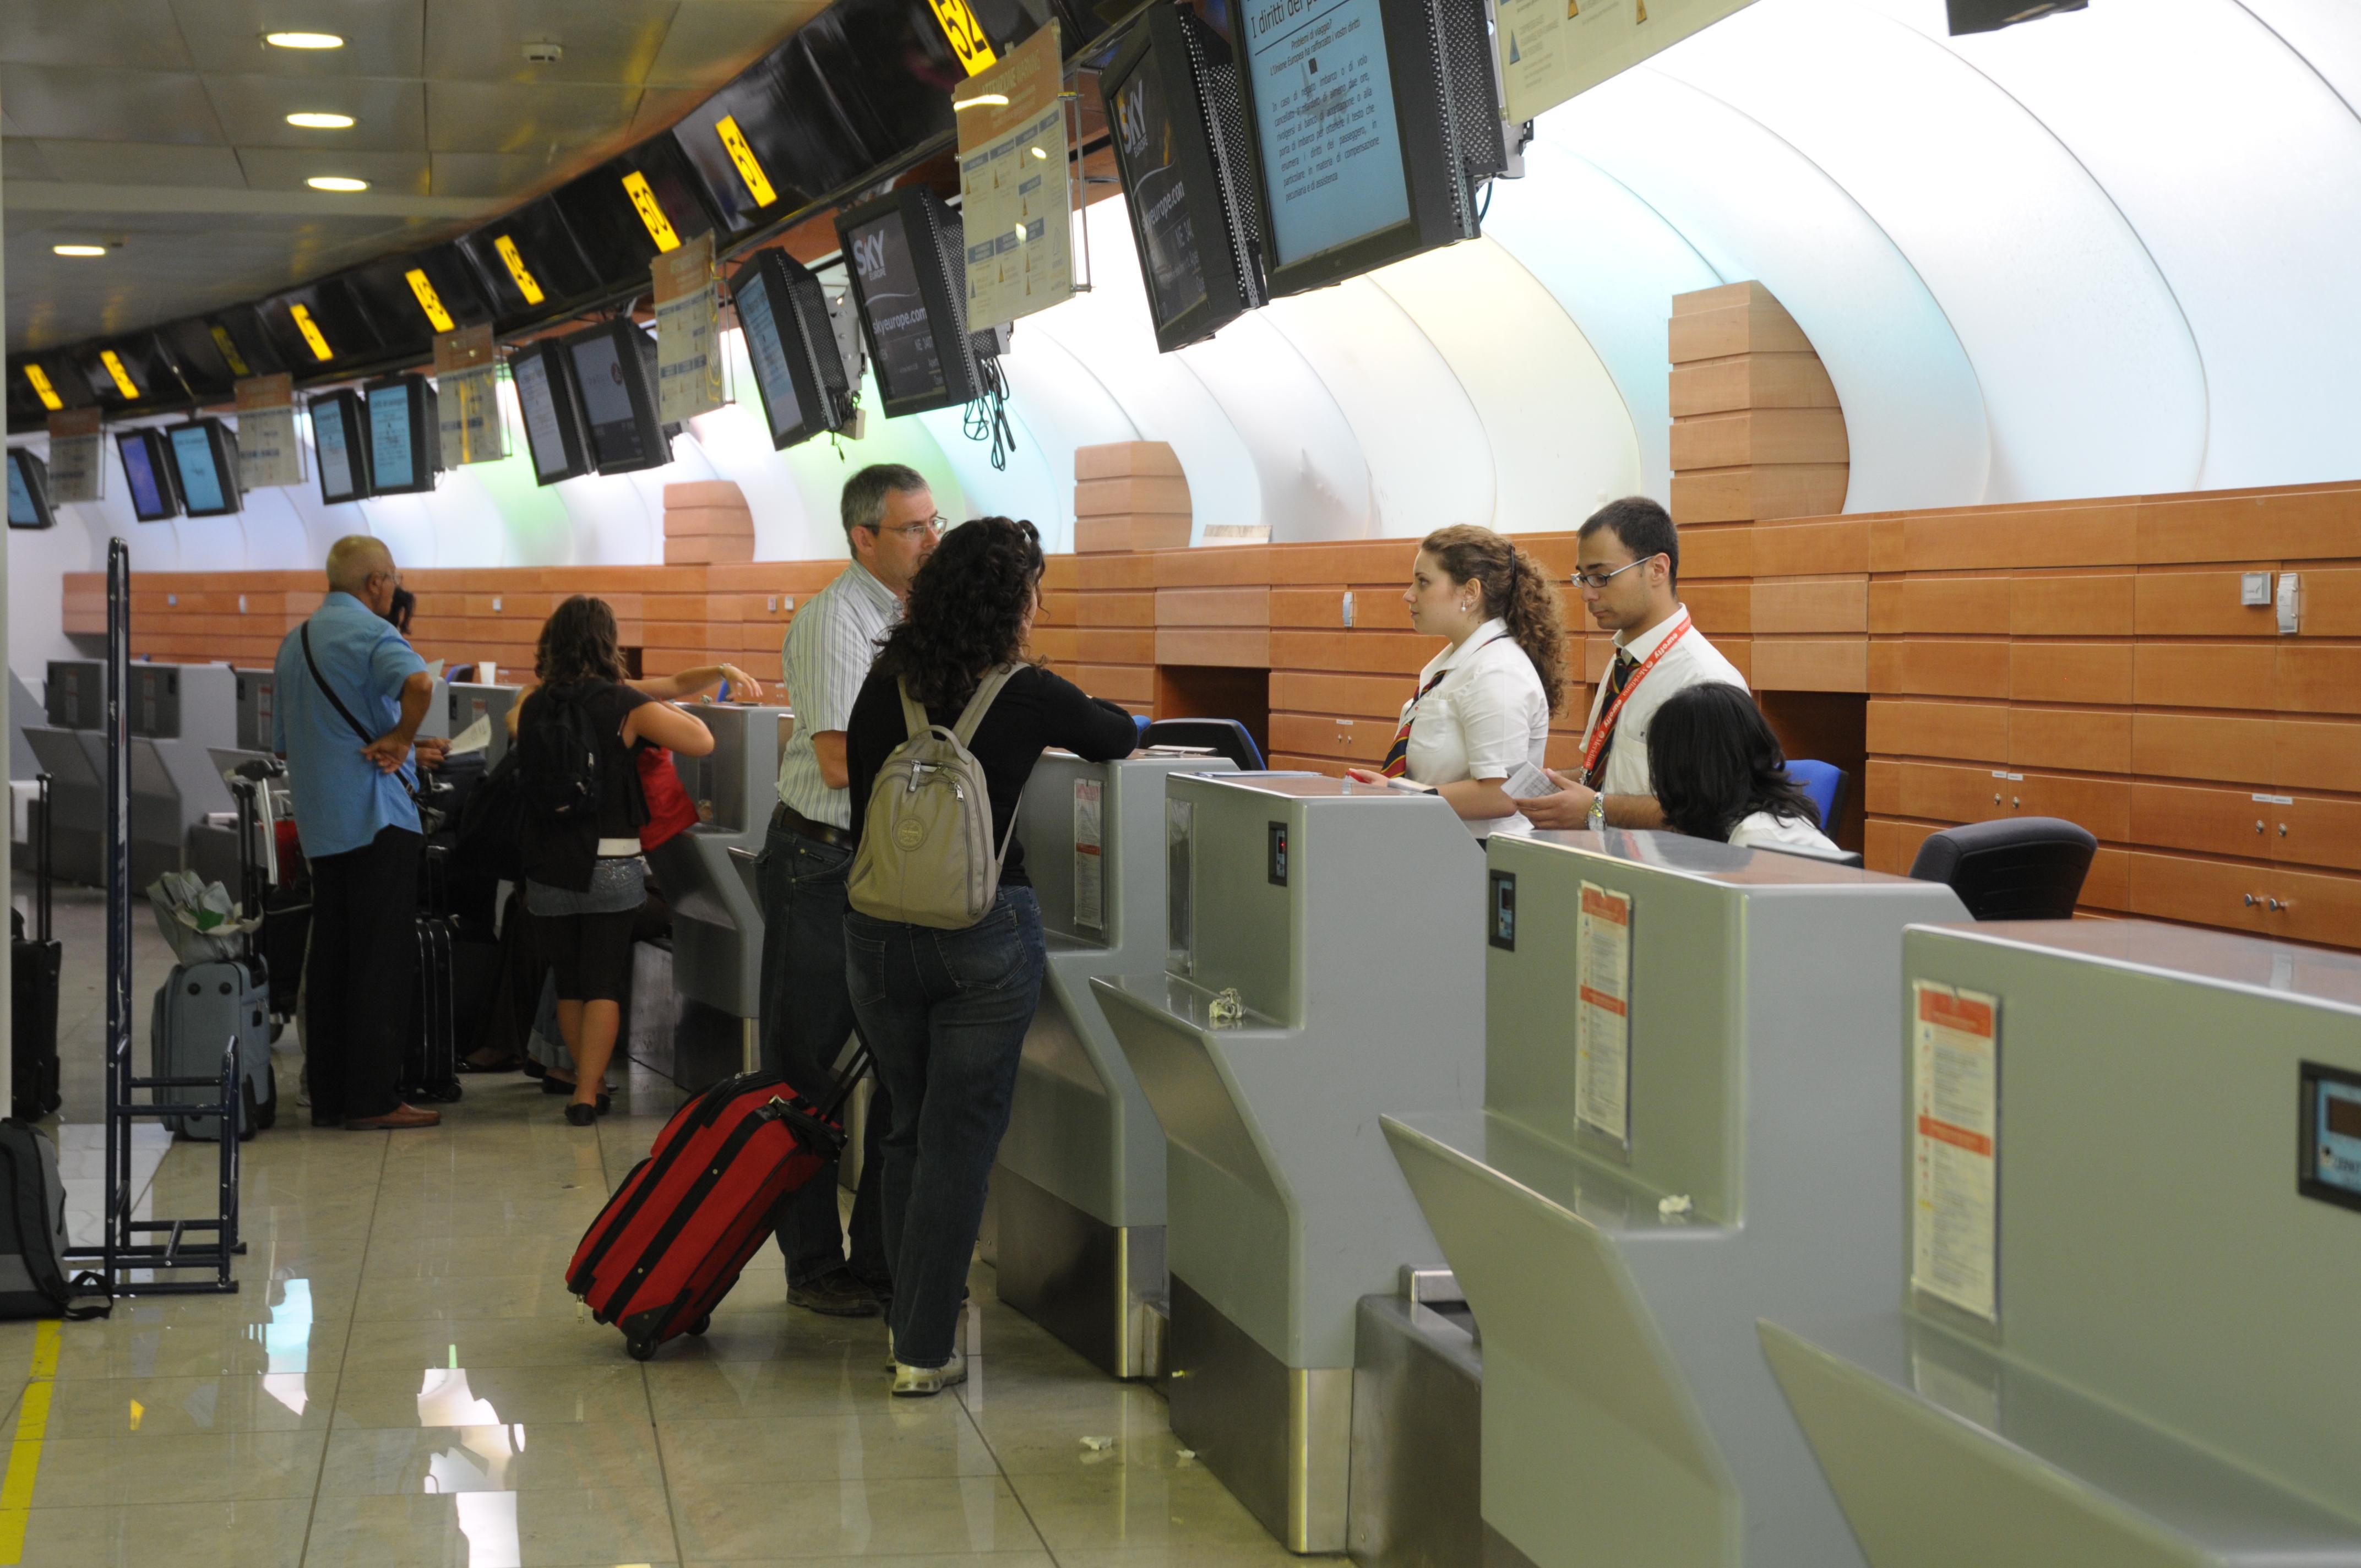 Cosa portare in aereo e cosa lasciare nella stiva sui voli - Cosa si puo portare nel bagaglio a mano ...